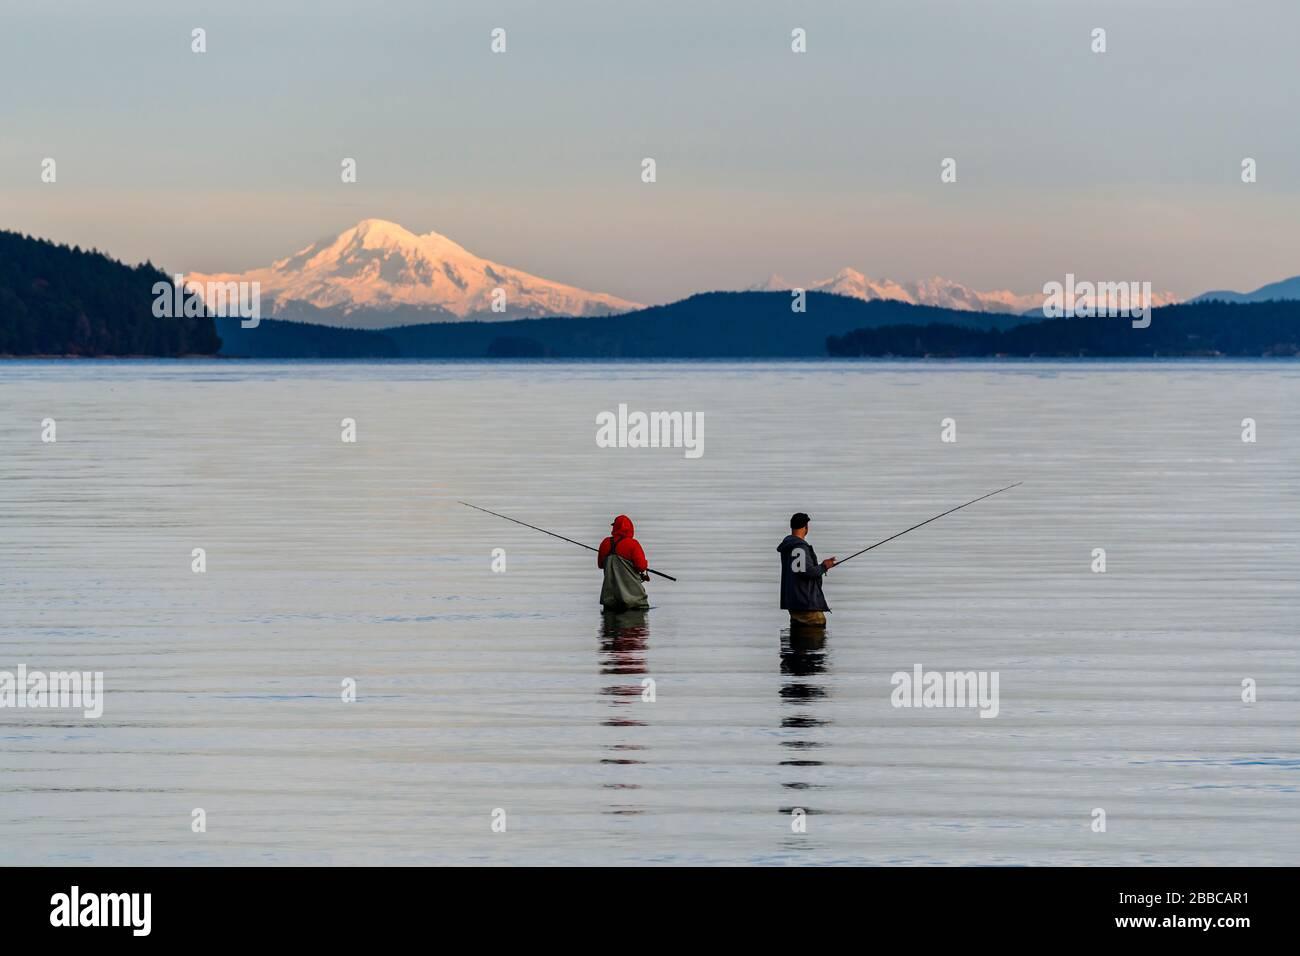 Deux hommes pêchant dans l'océan à Cherry point Beach, près de Cowichan Bay (Colombie-Britannique). Mt. Baker dans l'État de Washington est en arrière-plan. Banque D'Images